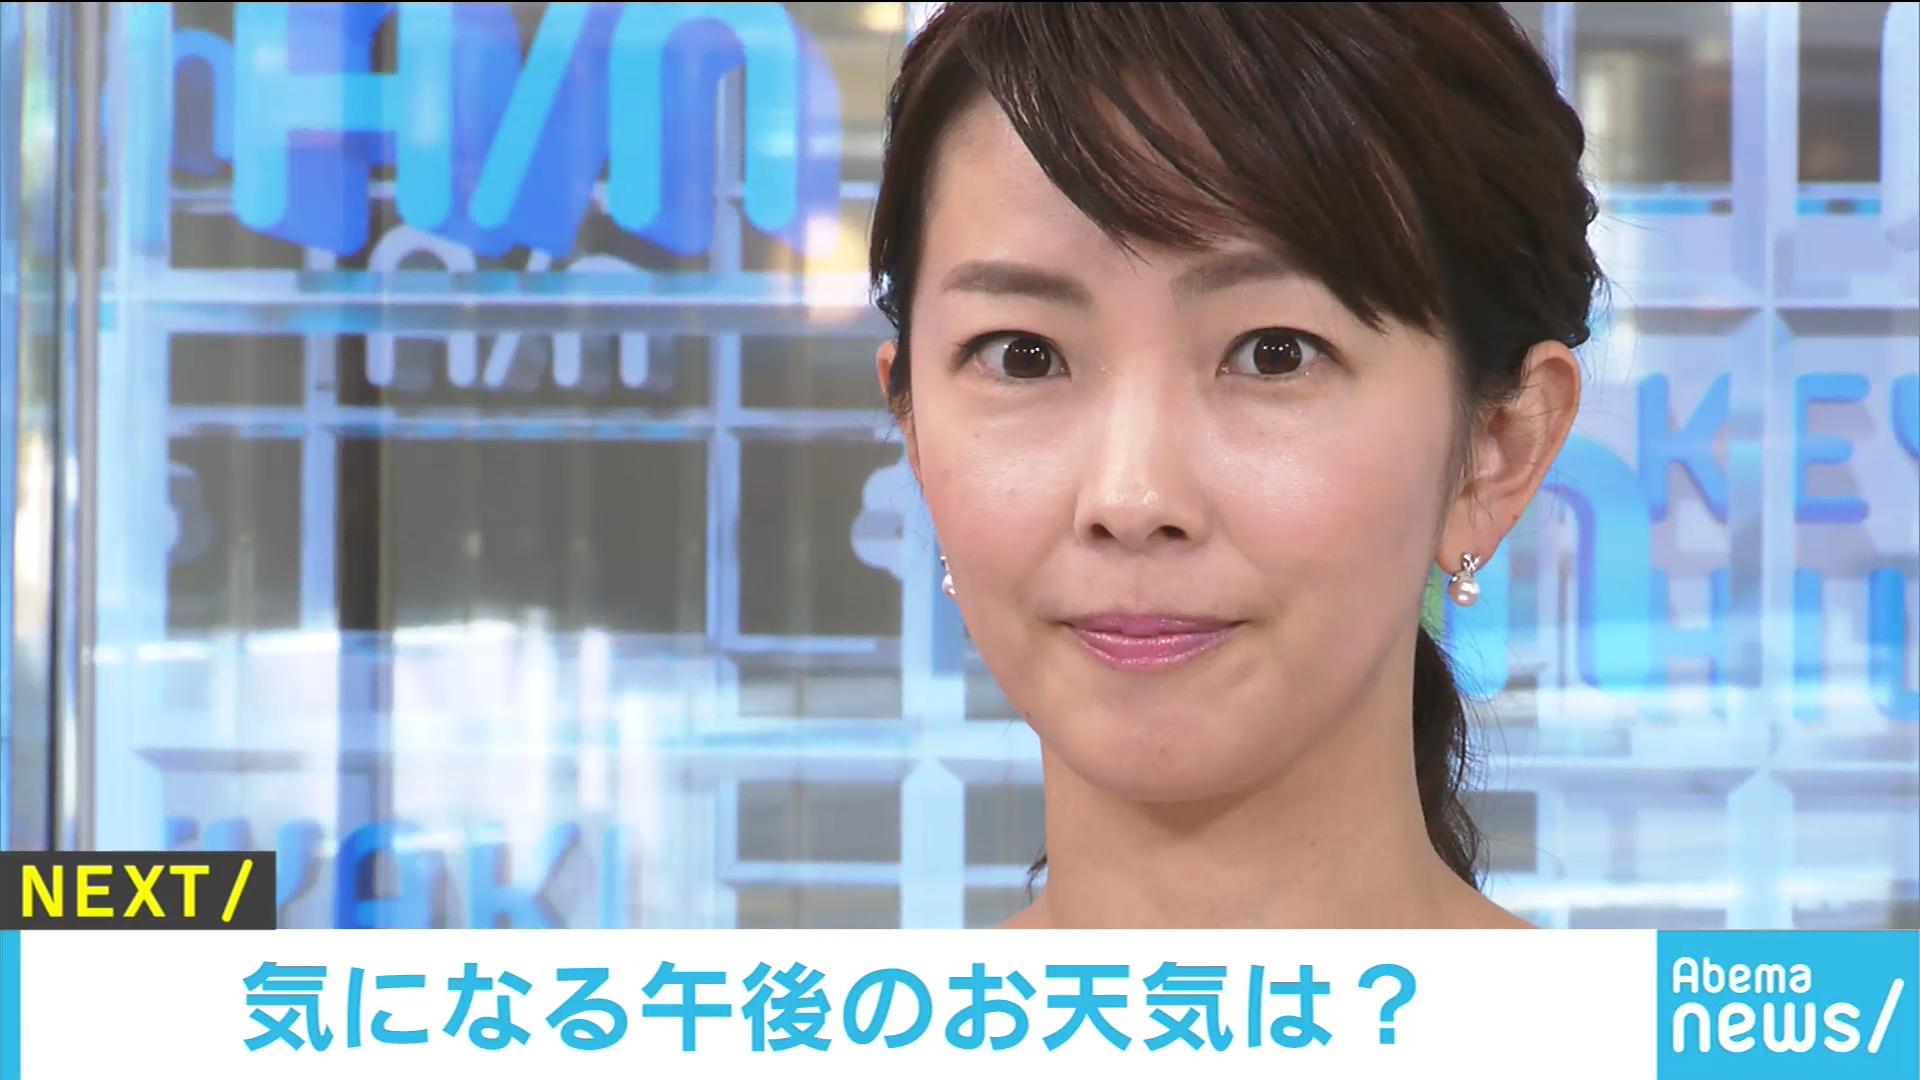 AbemaTV「けやきヒルズ」に出演した大木優紀さんのテレビキャプチャー画像-016